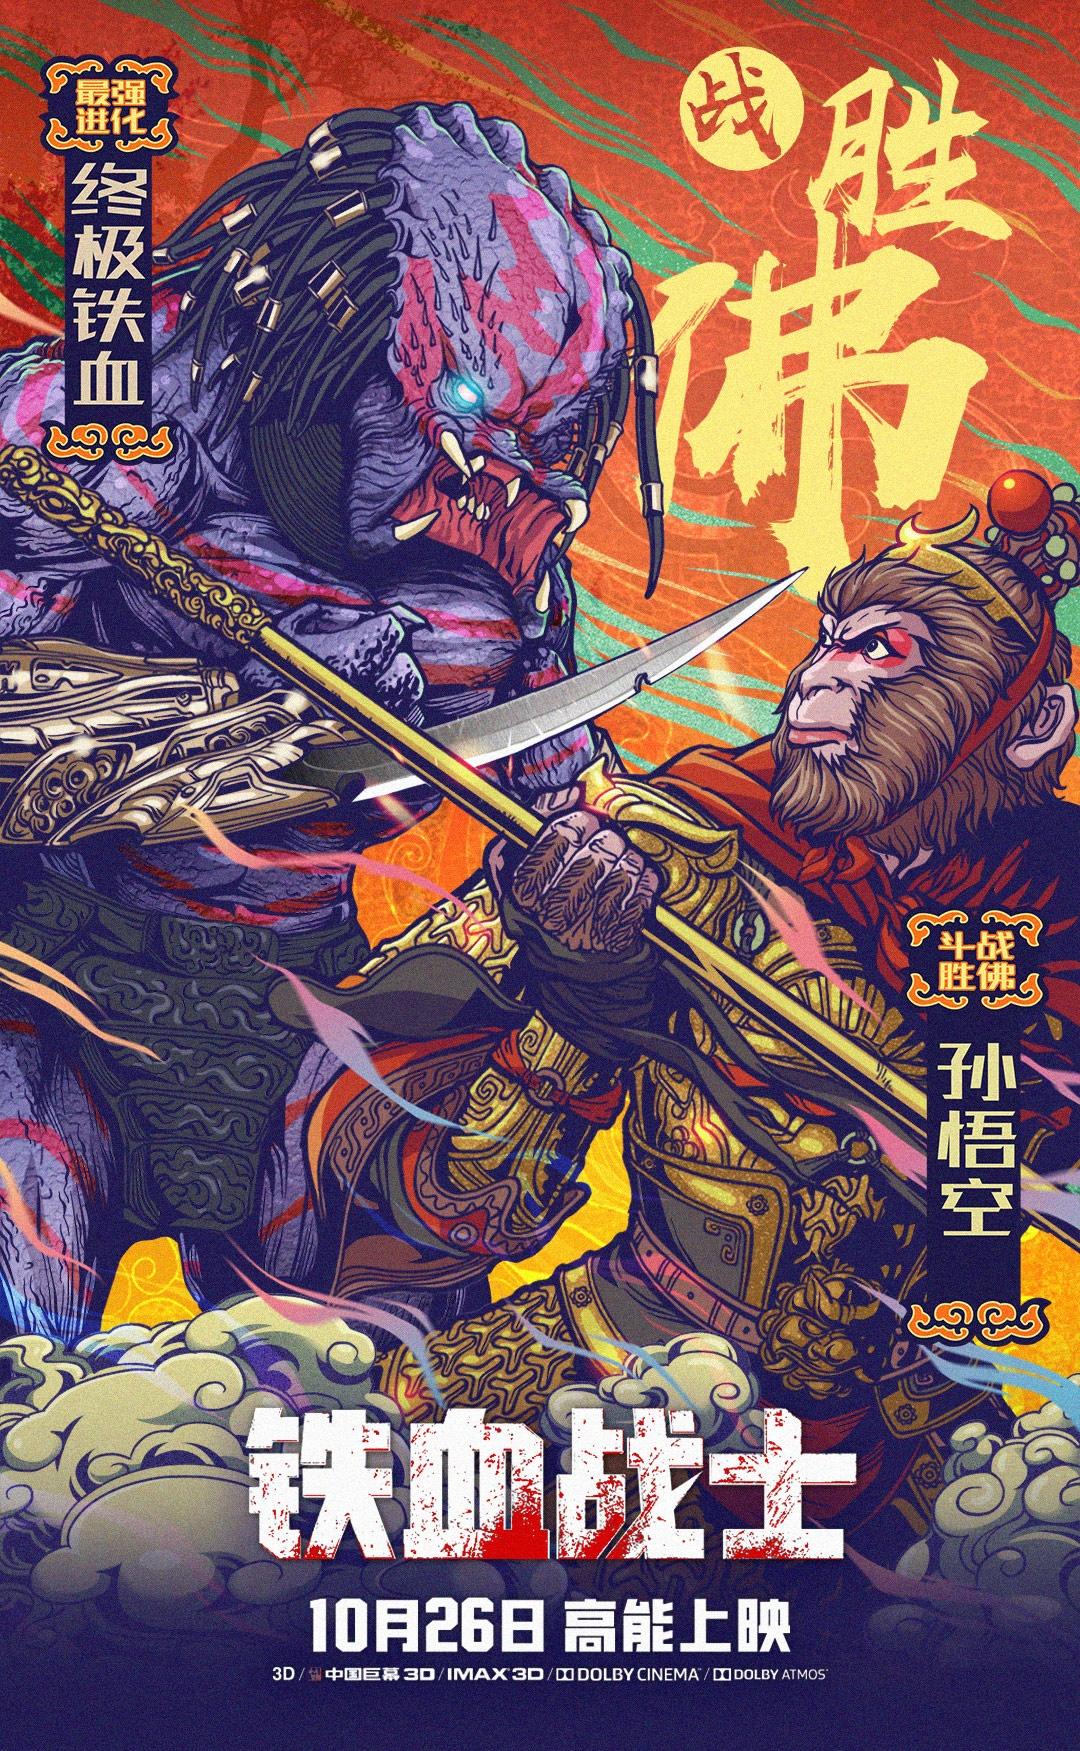 《铁血战士》大幕即刻拉开 新海报叫板四大战神